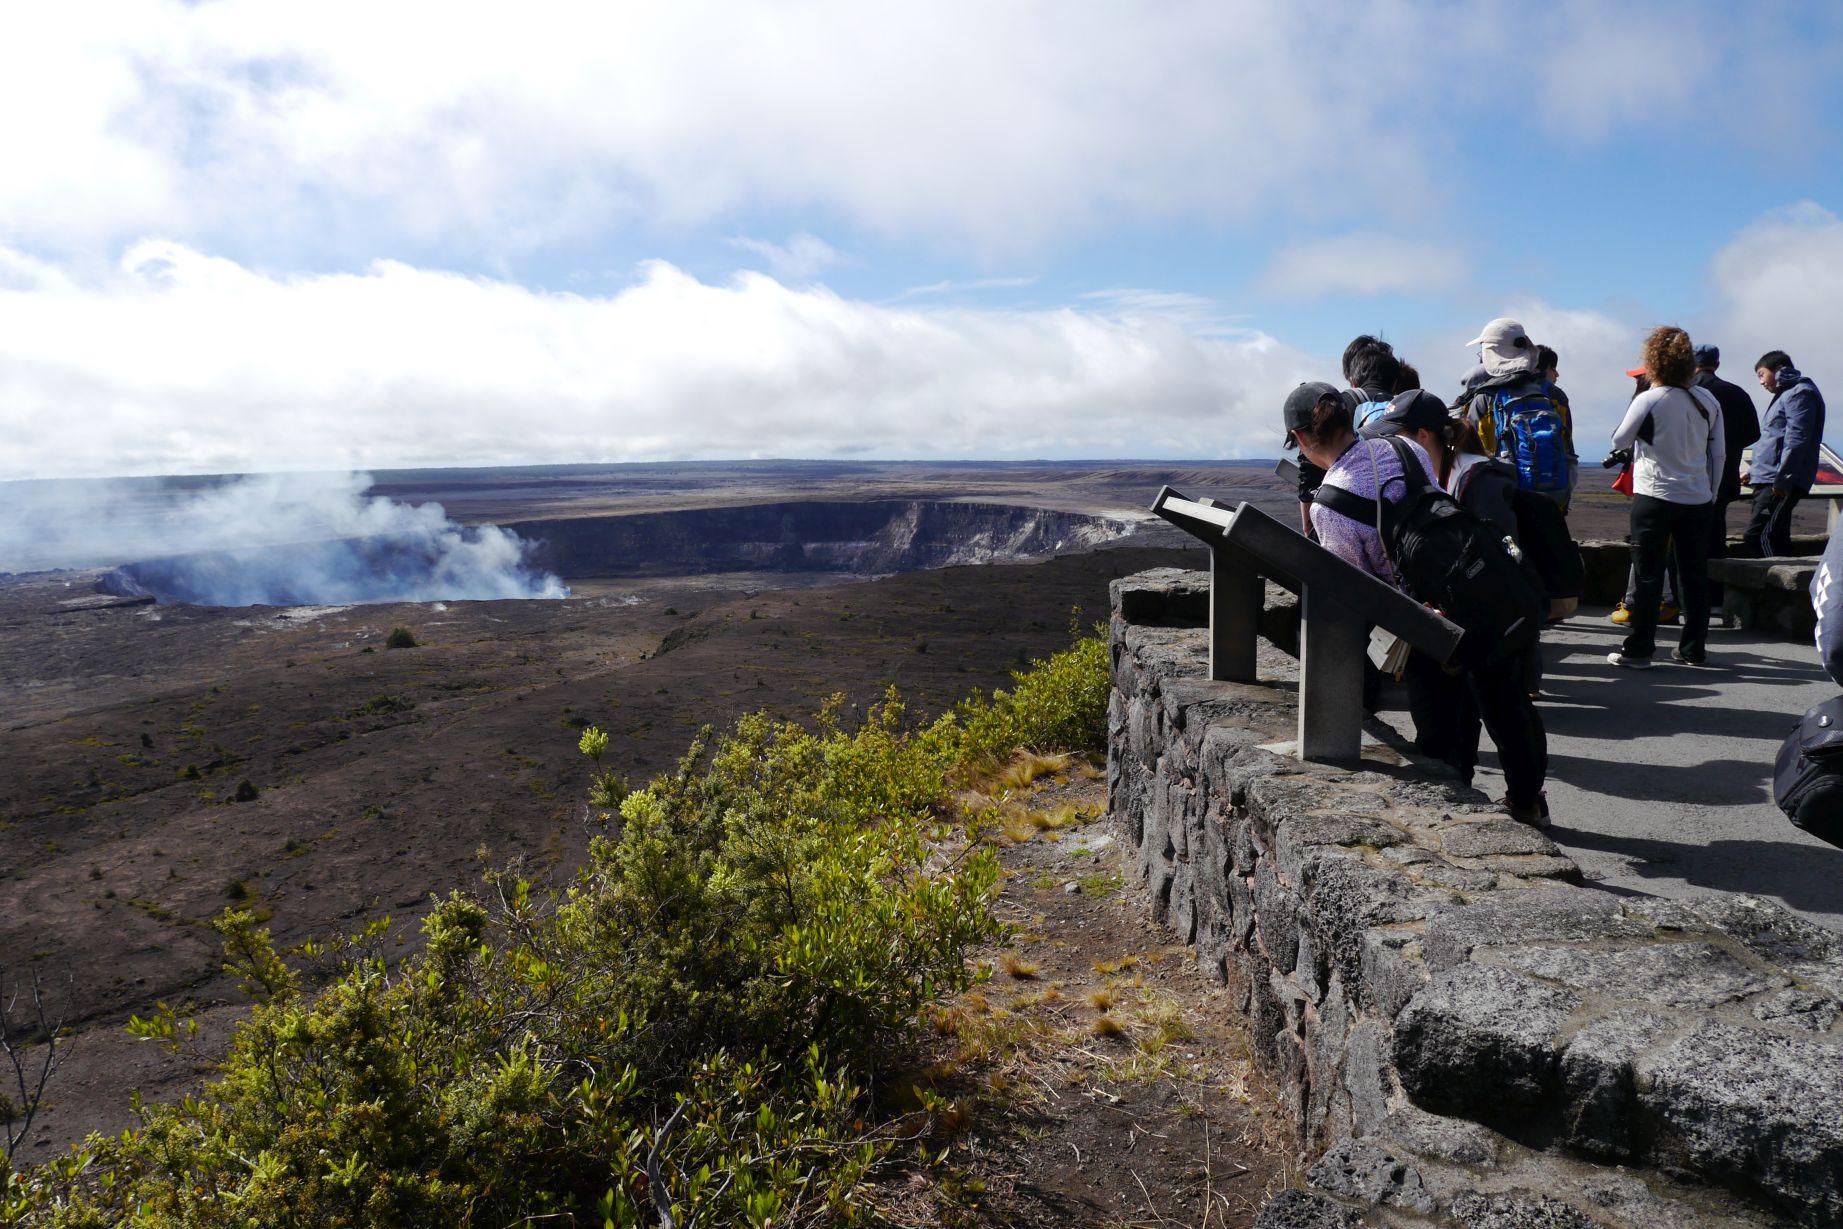 2017年3月1日から10日にかけて(10日間)、ハワイ諸島においてハワイ大学マノア校と連携した研修を行いました。 photo